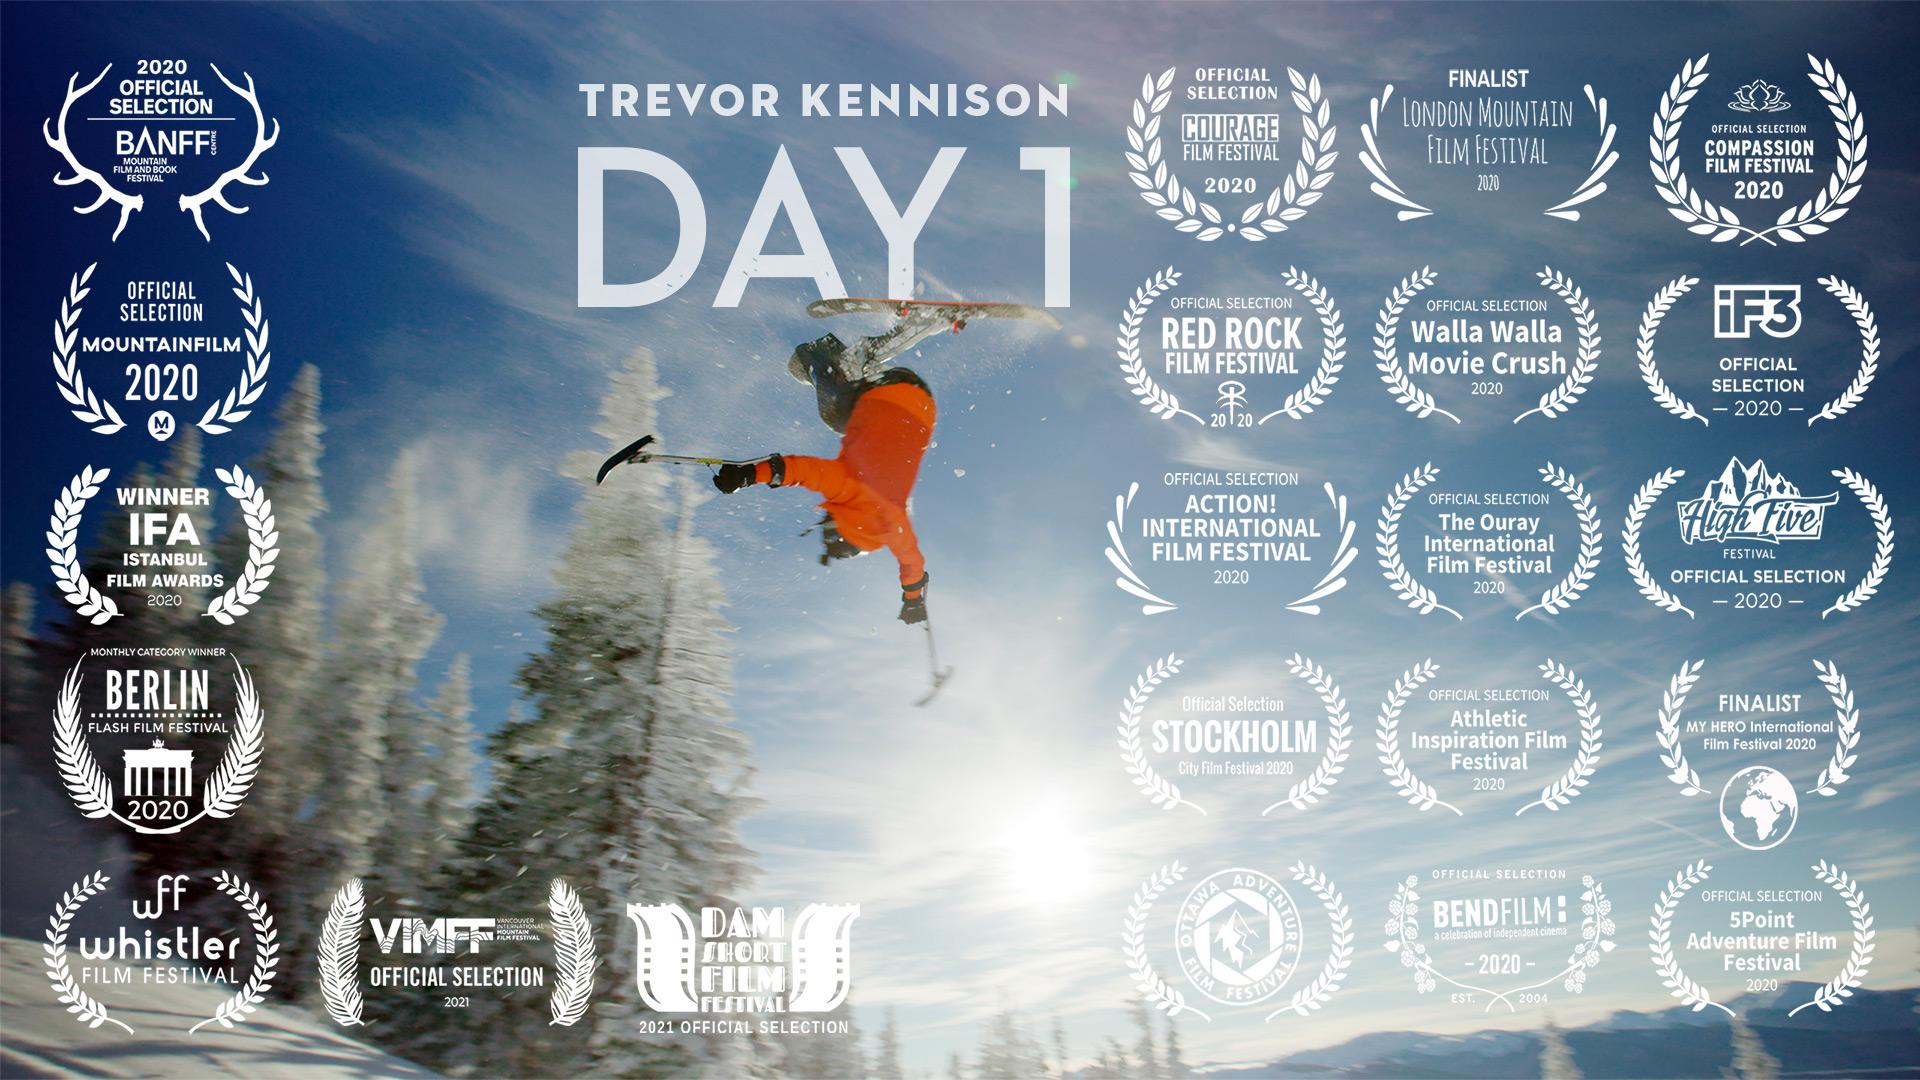 Trevor Kennison – Day 1